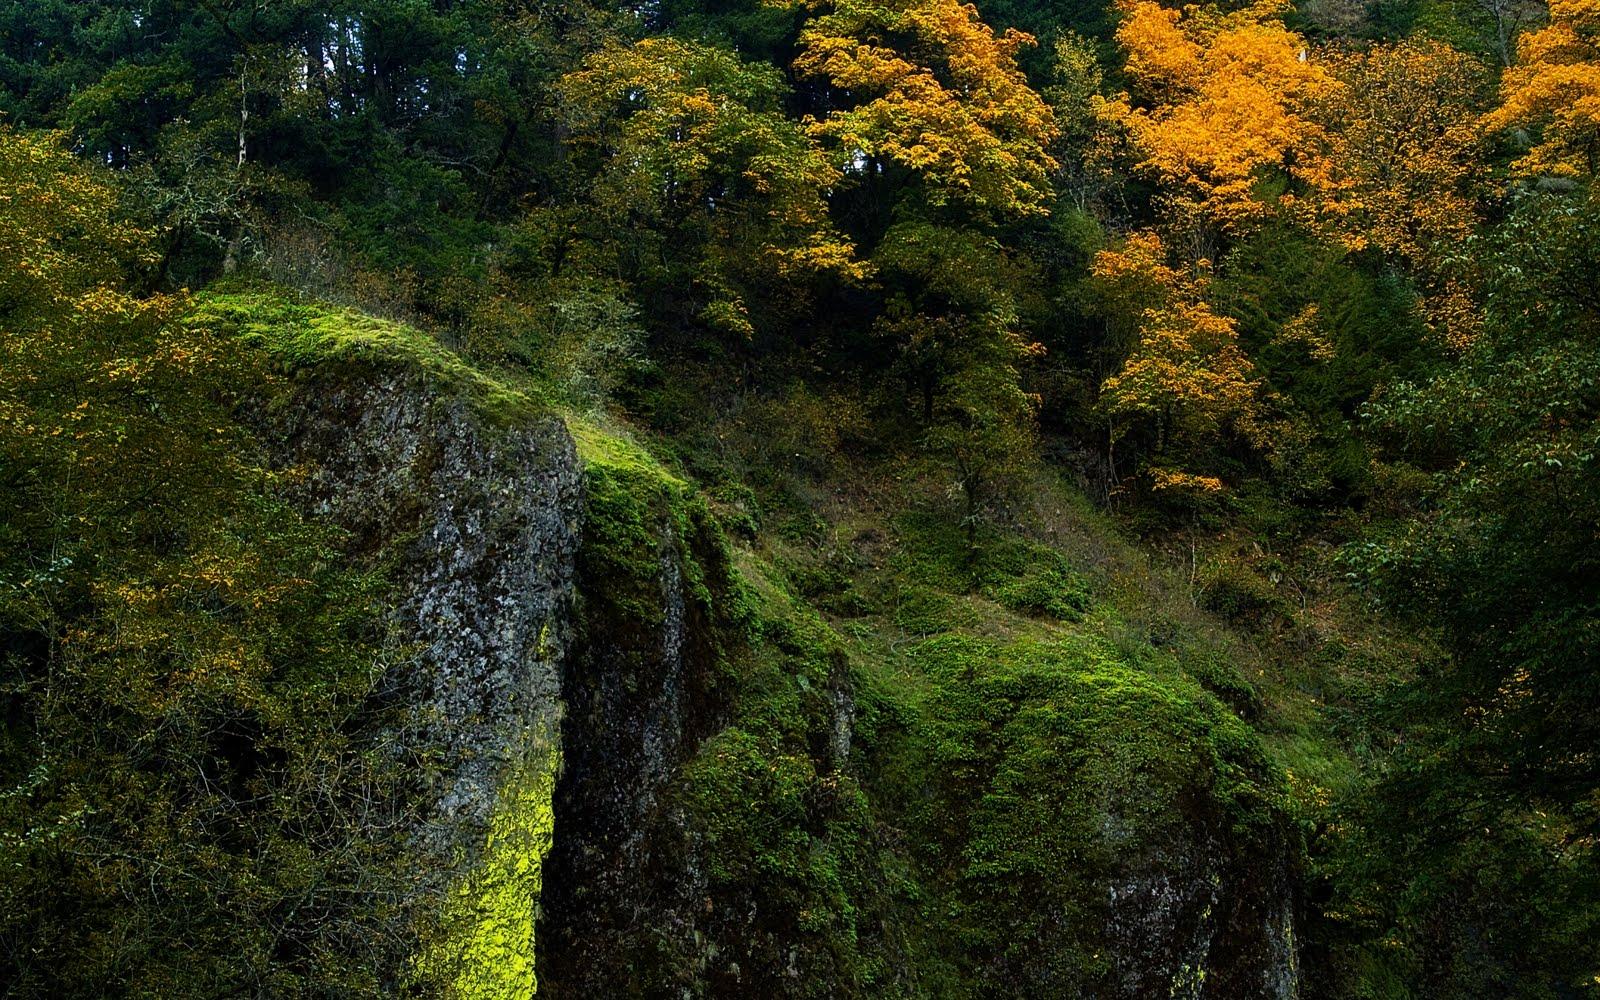 Lugares del mundo y sus paisajes mas bellos Facebook - Imagenes De De Paisajes